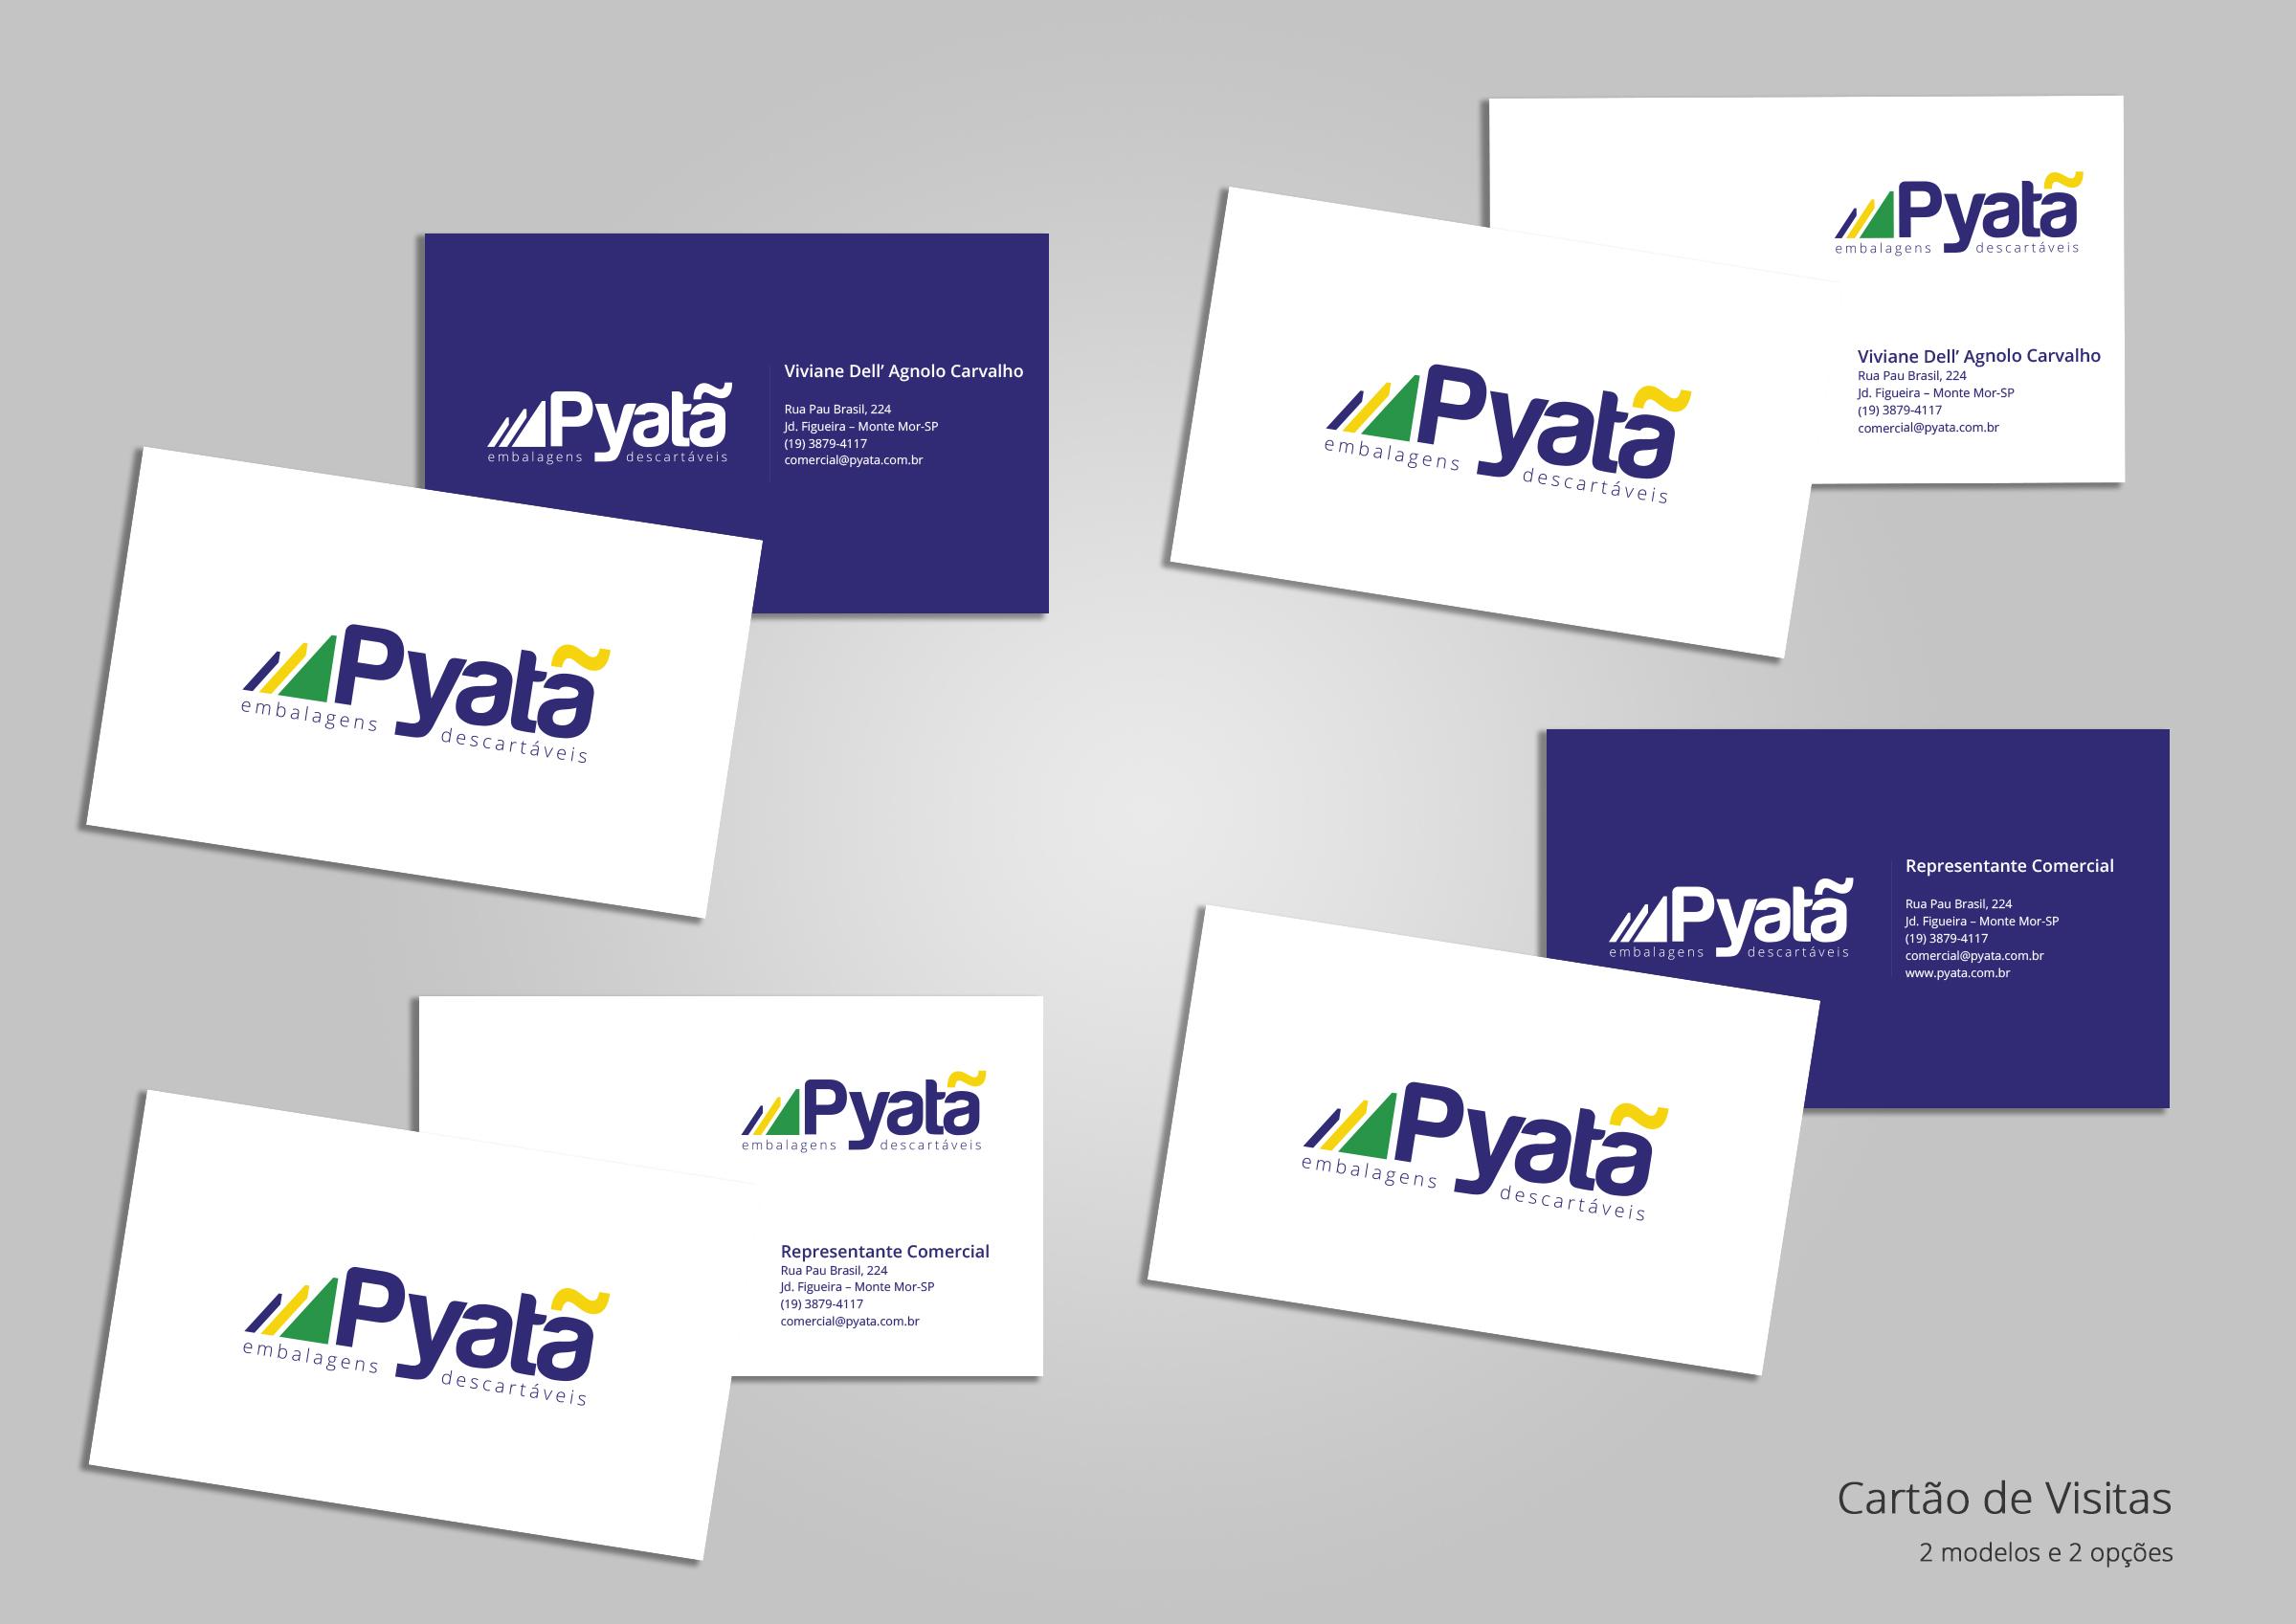 BABENKO agencia publicidade - Papelaria Identidade Visual - Cartao Visita Pyata